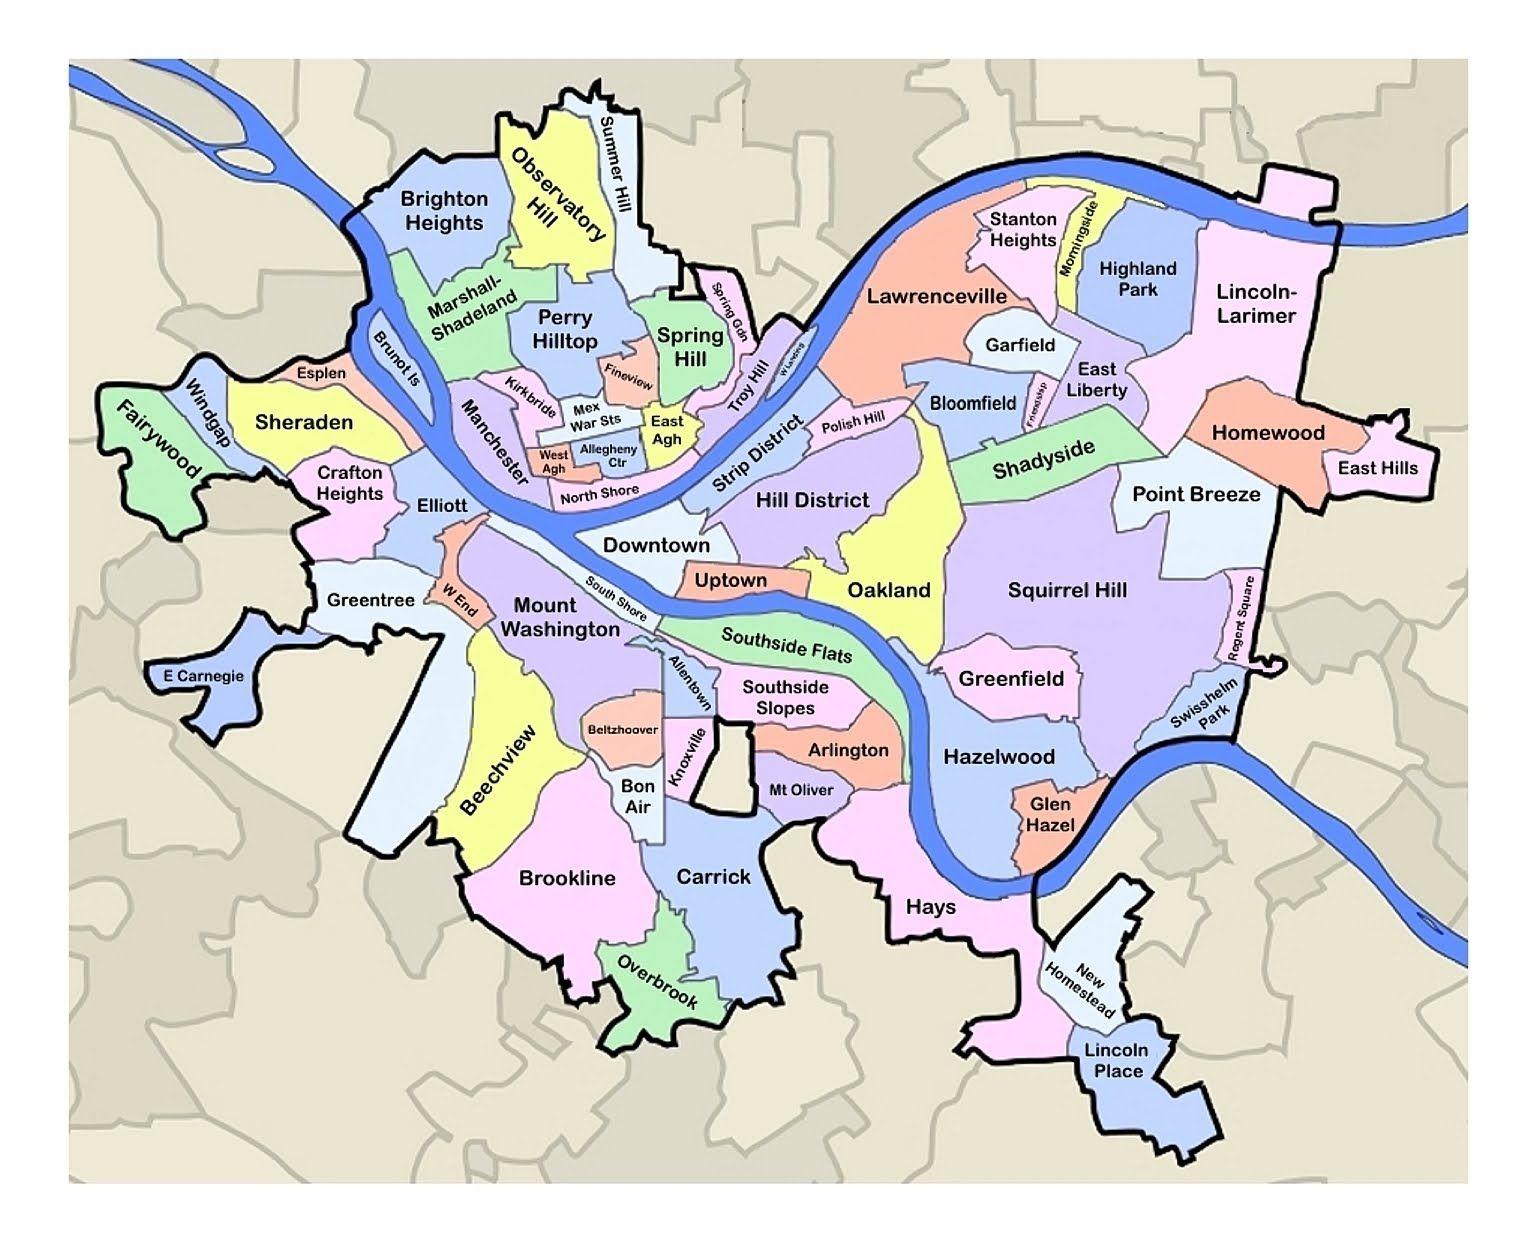 Pittsburgh Neighborhood Map Pittsburgh Map Neighborhoods |  Showcases Metro Pittsburgh Real  Pittsburgh Neighborhood Map